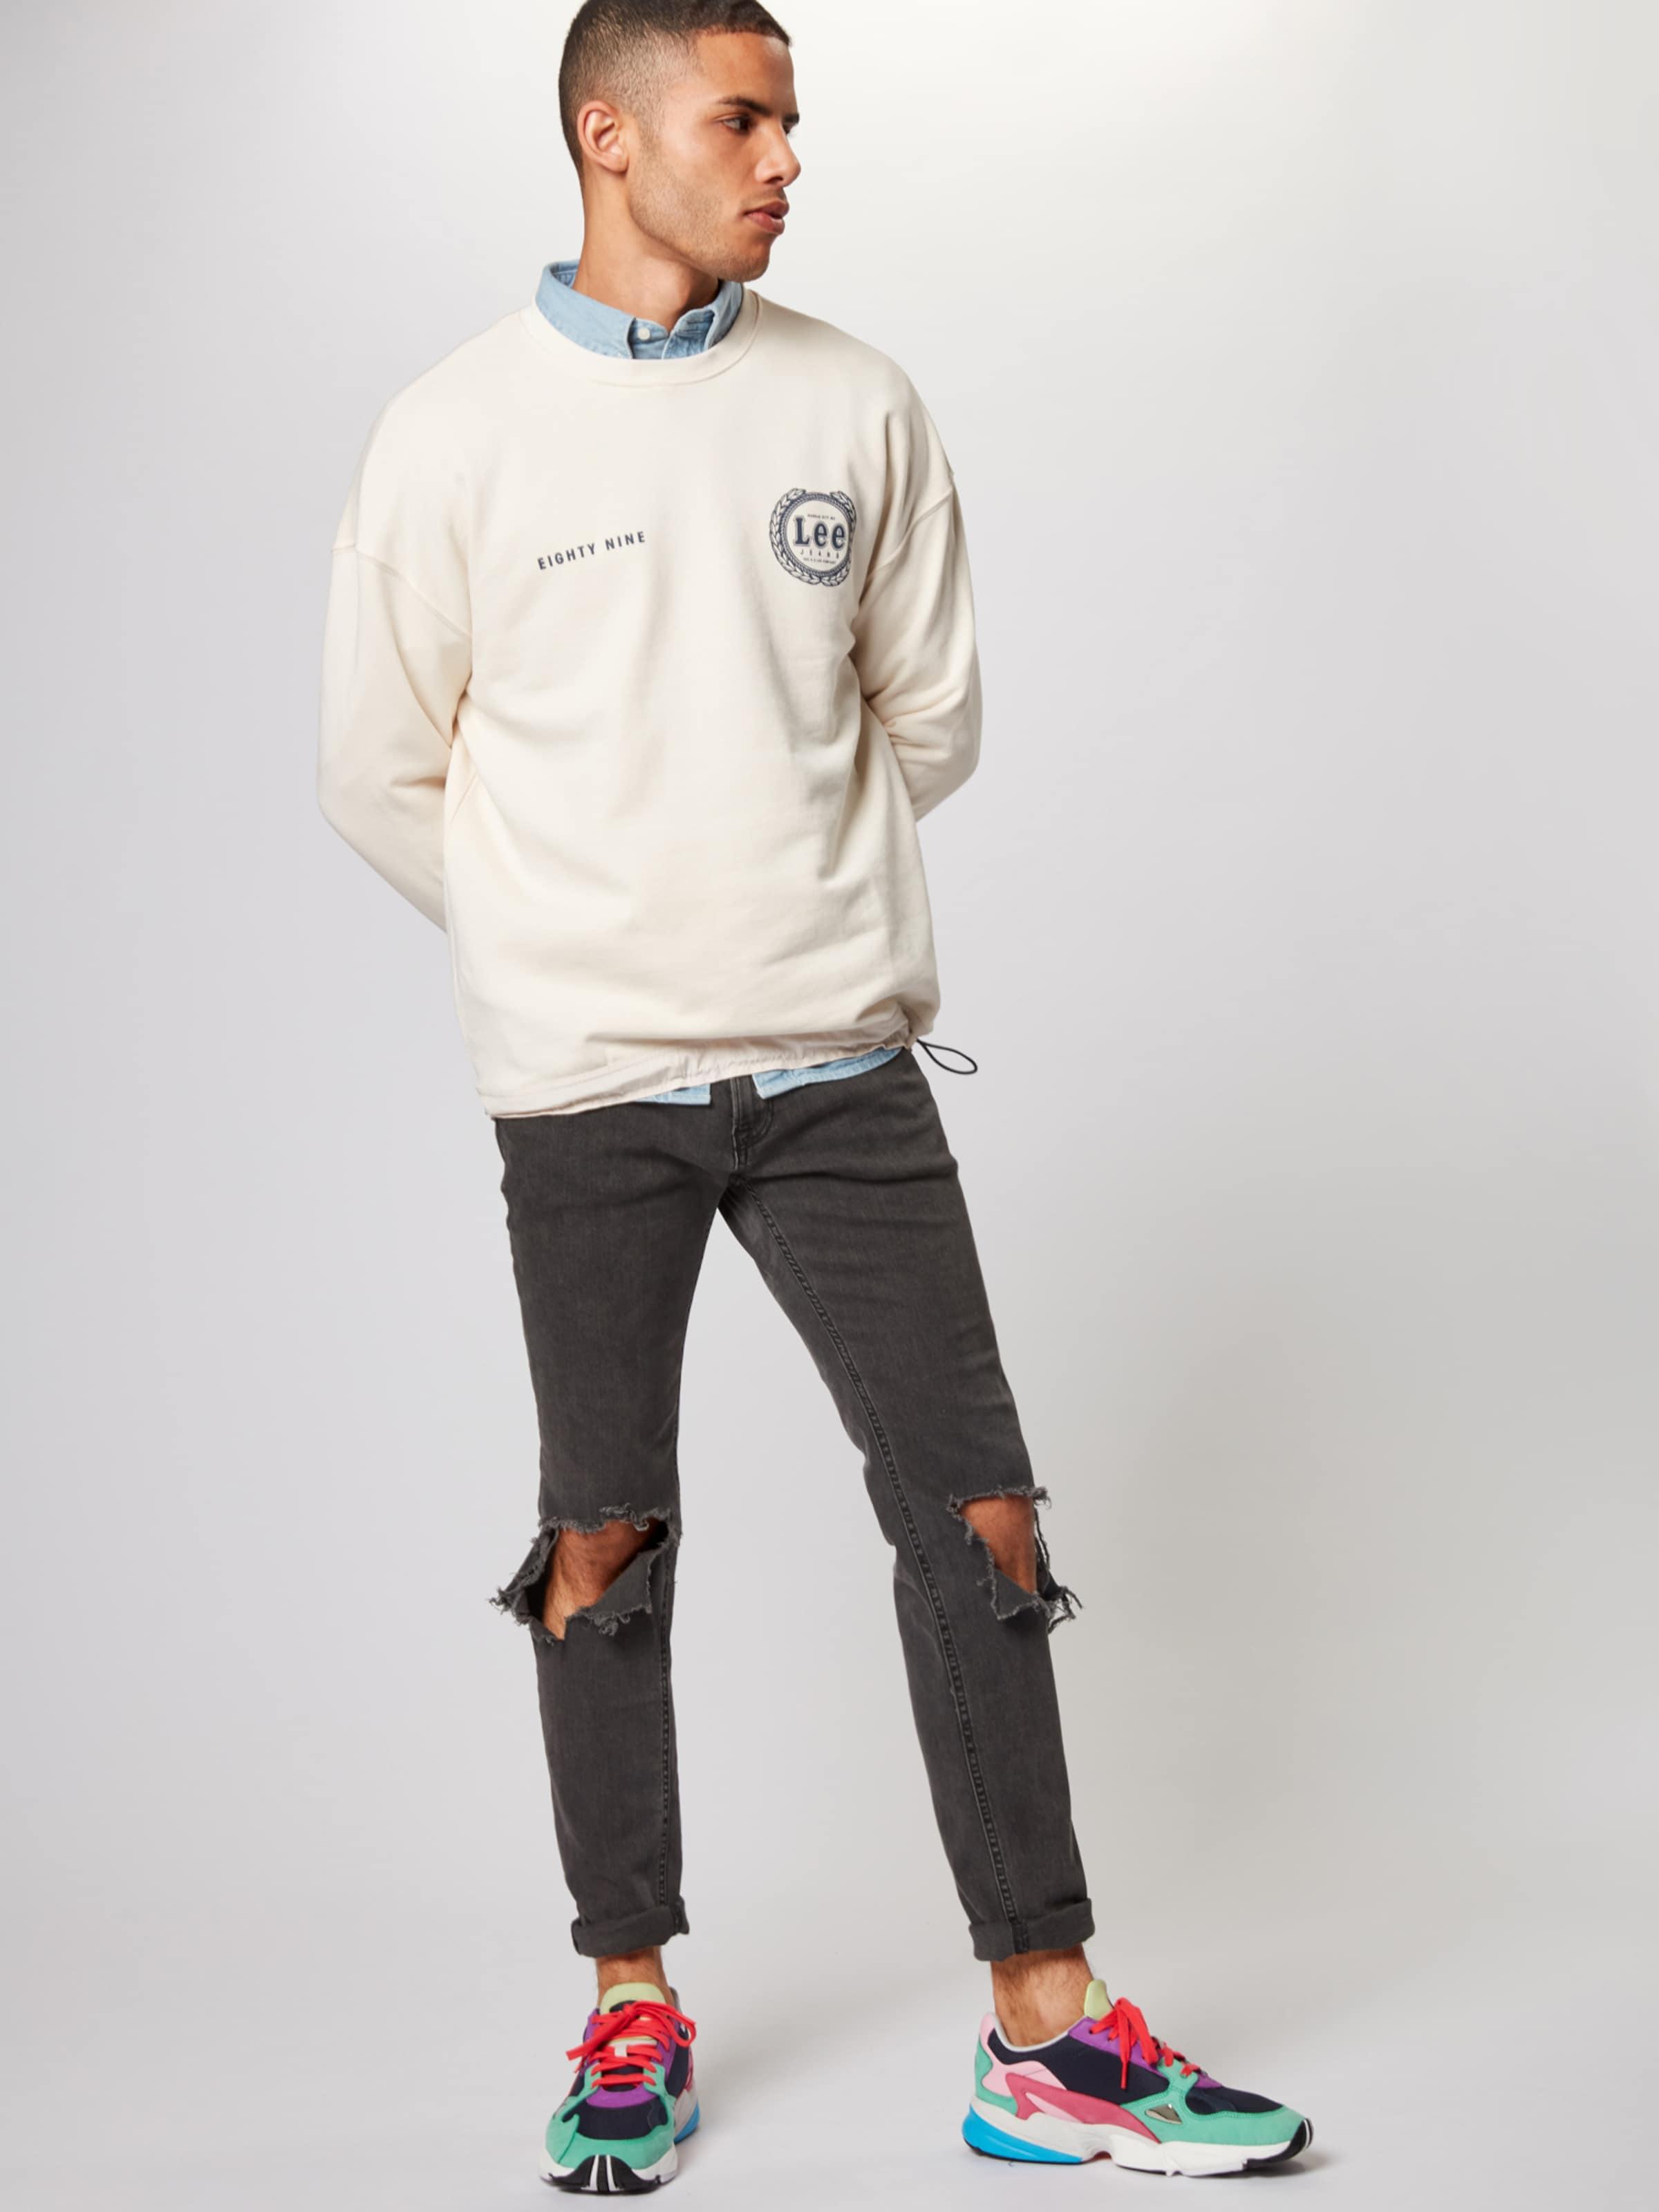 'drawcord' In Lee Sweatshirt Sweatshirt 'drawcord' Lee Lee Sweatshirt 'drawcord' In Creme In Creme X8nO0wPk